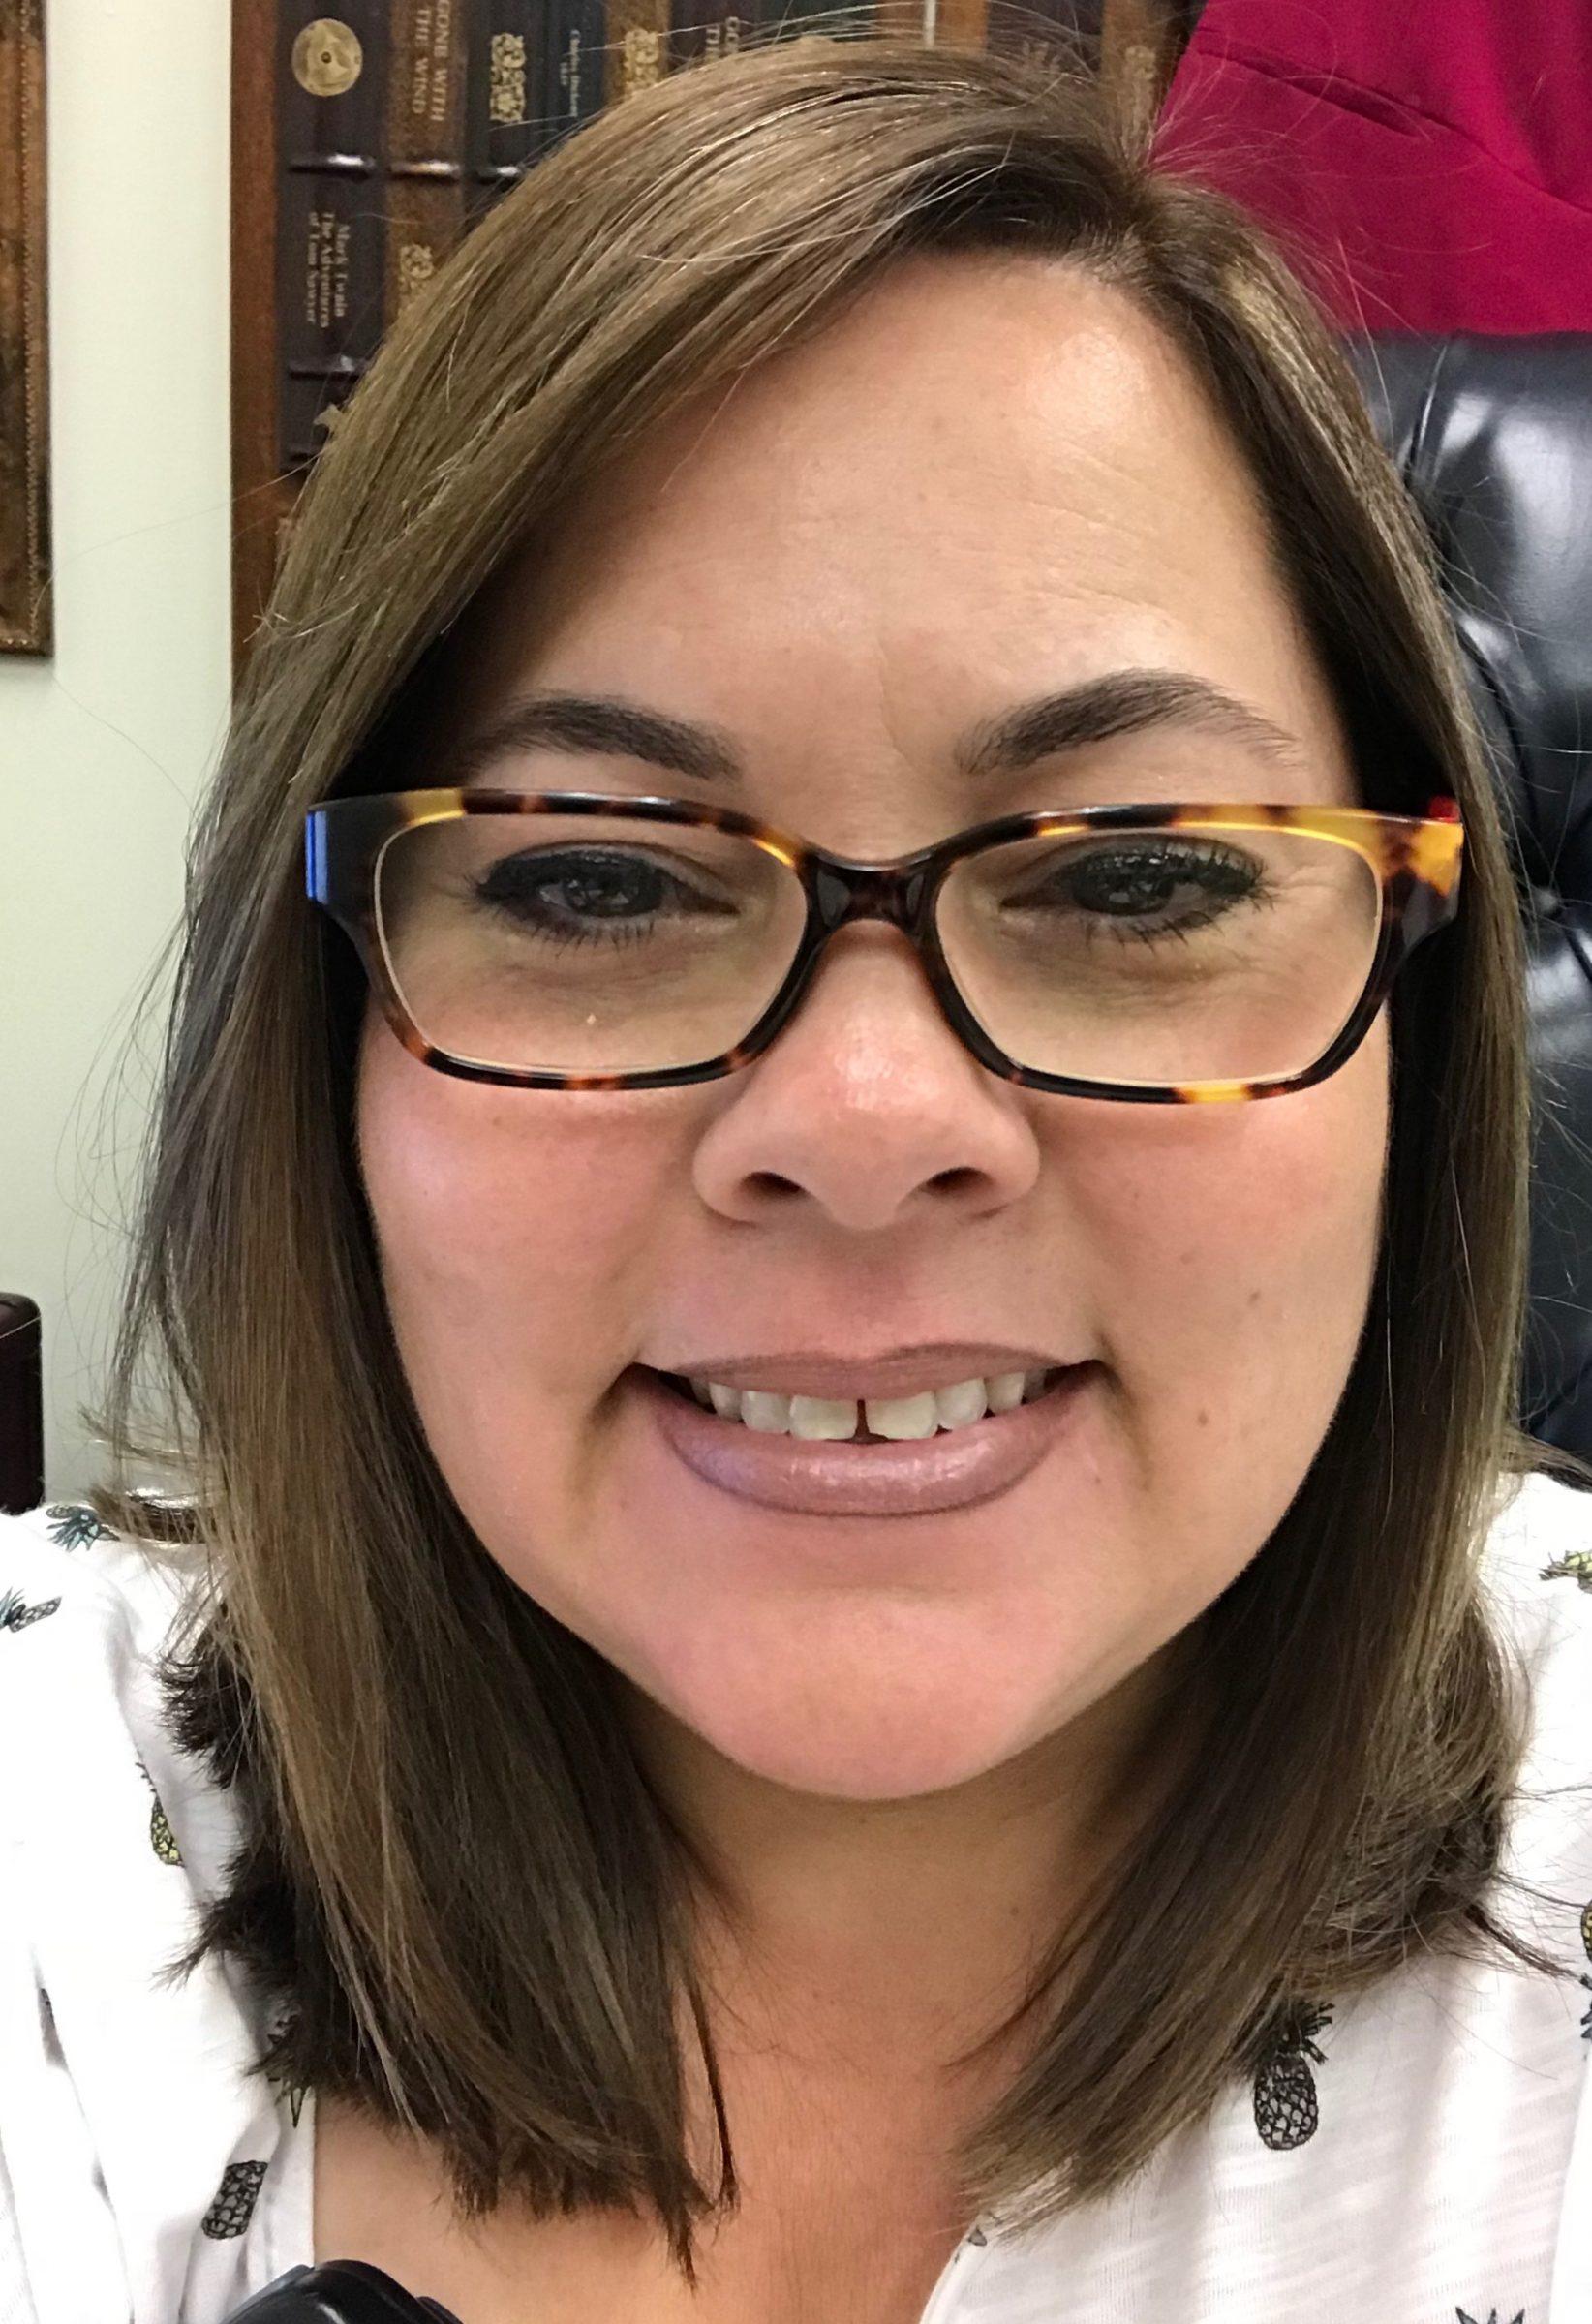 Ms. Ines Diaz